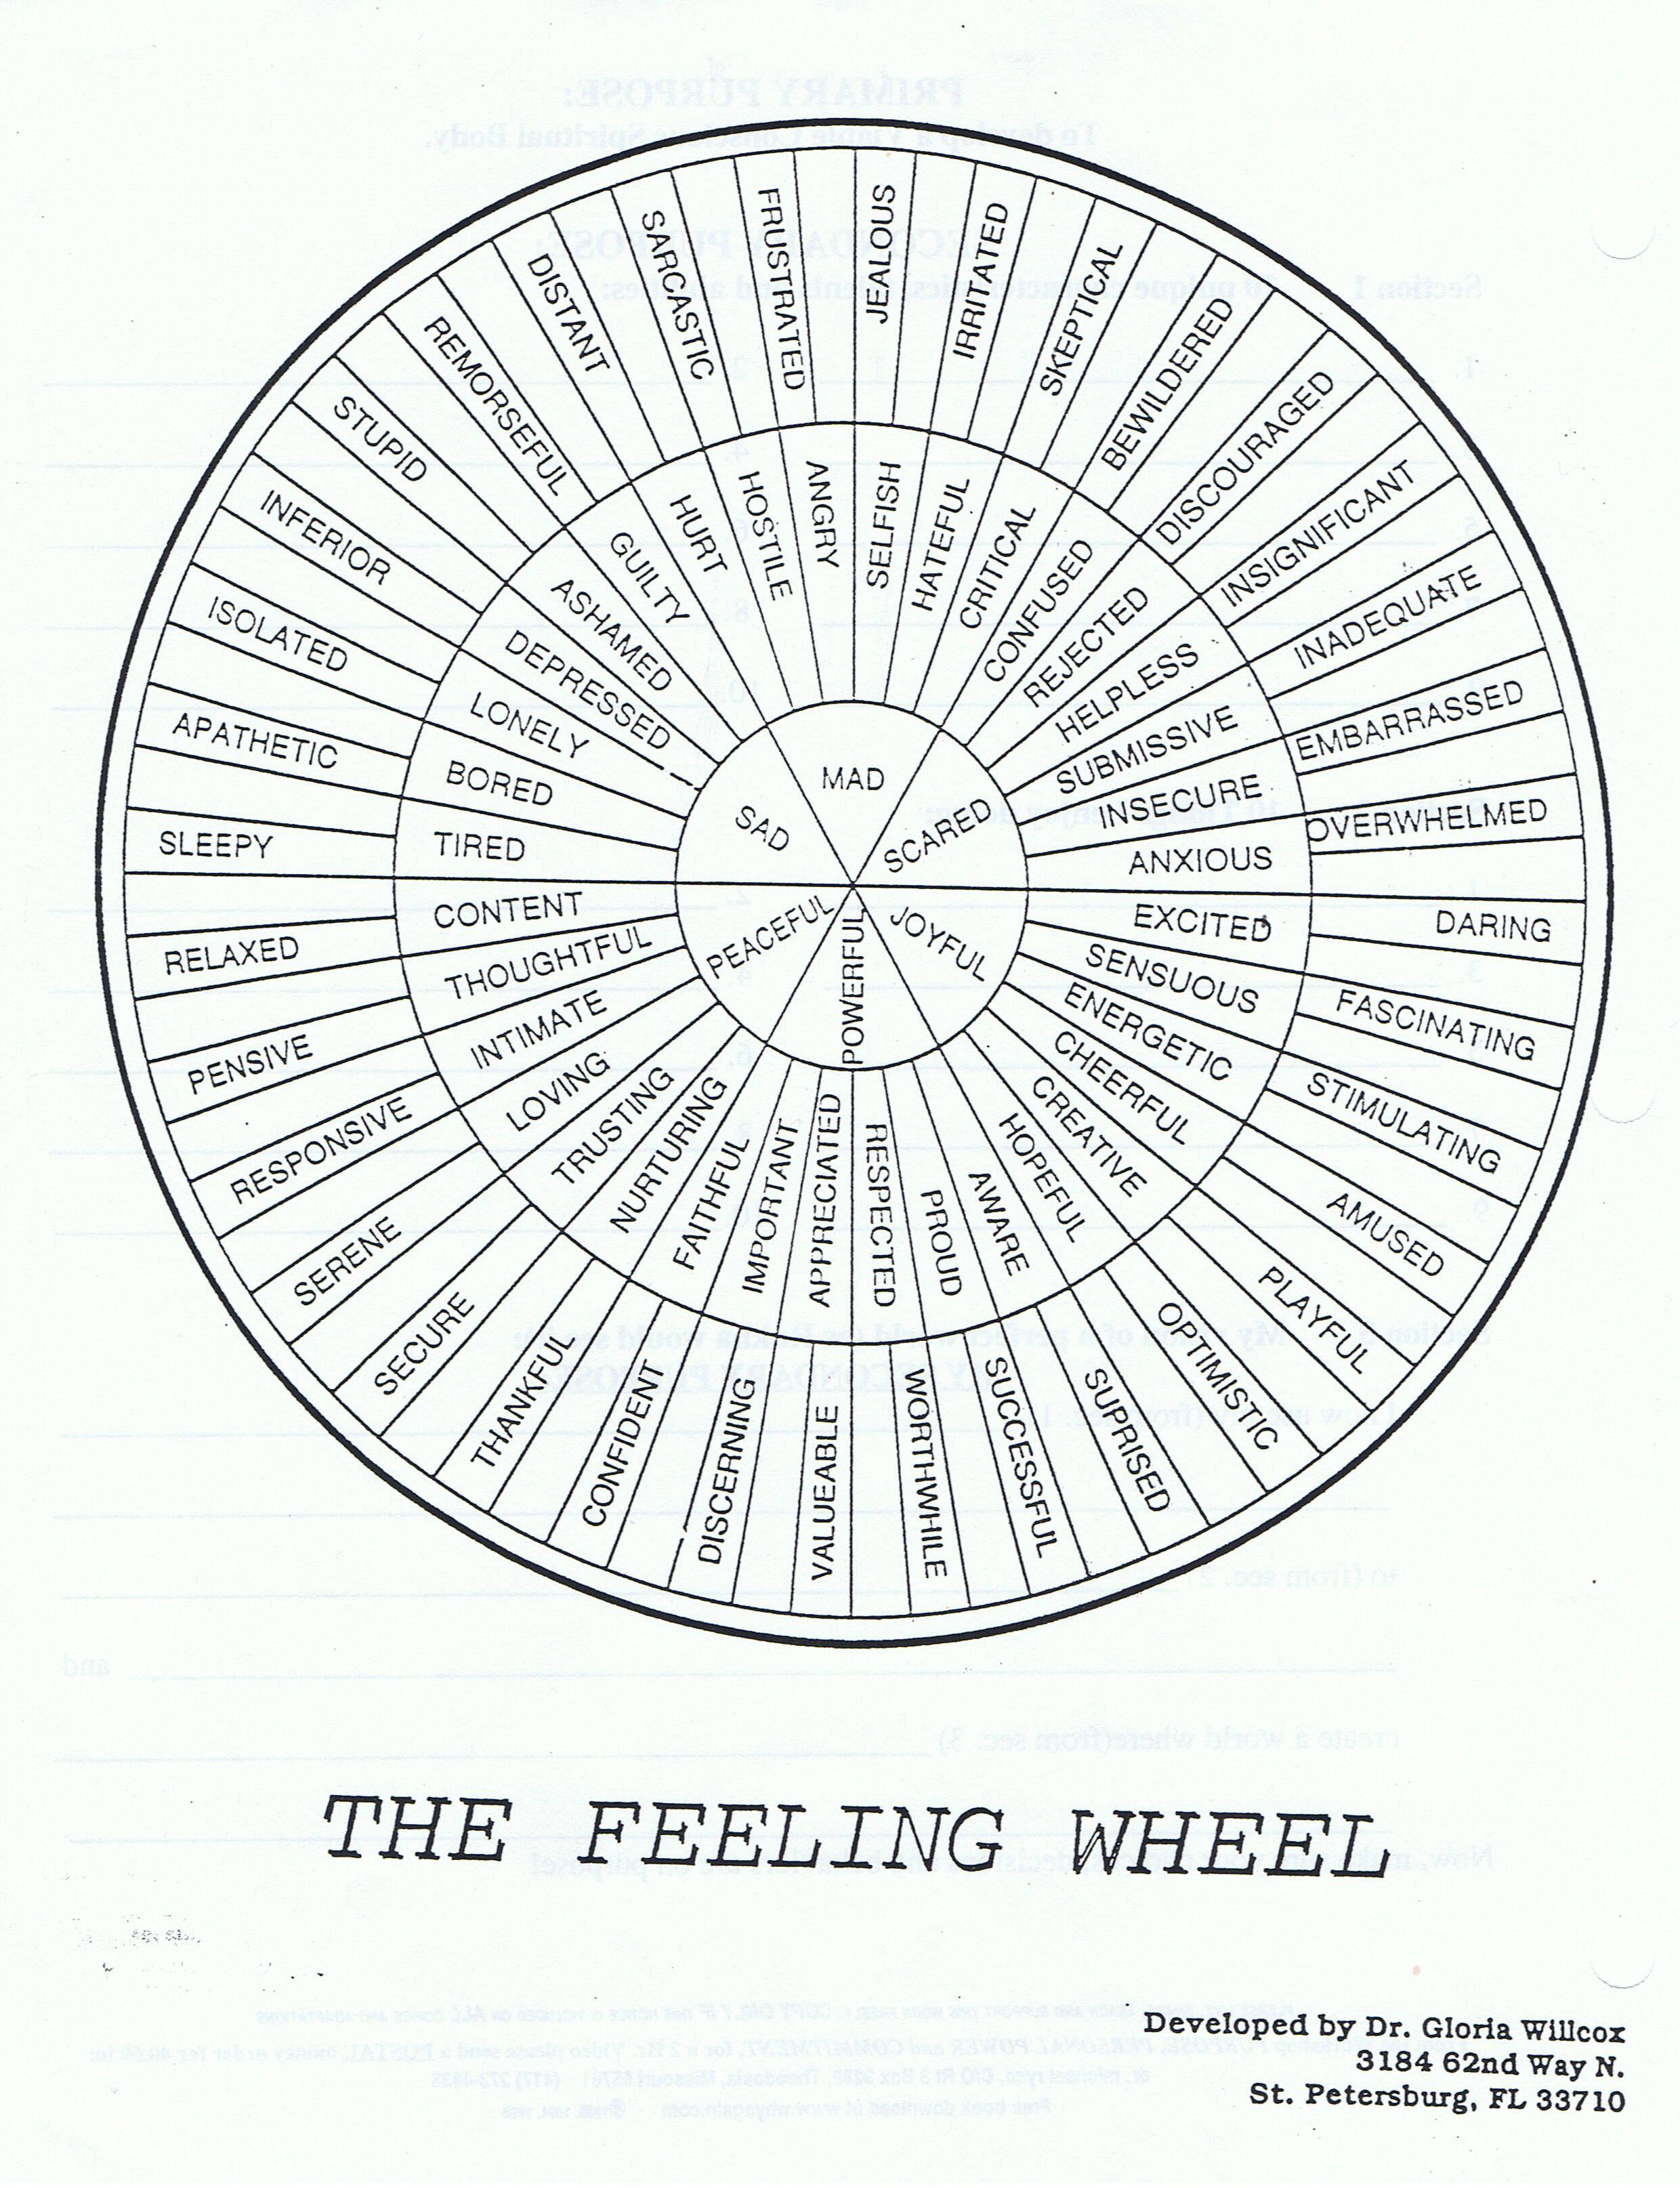 Trendy List Of Emotions And Feelings Printable Feelings